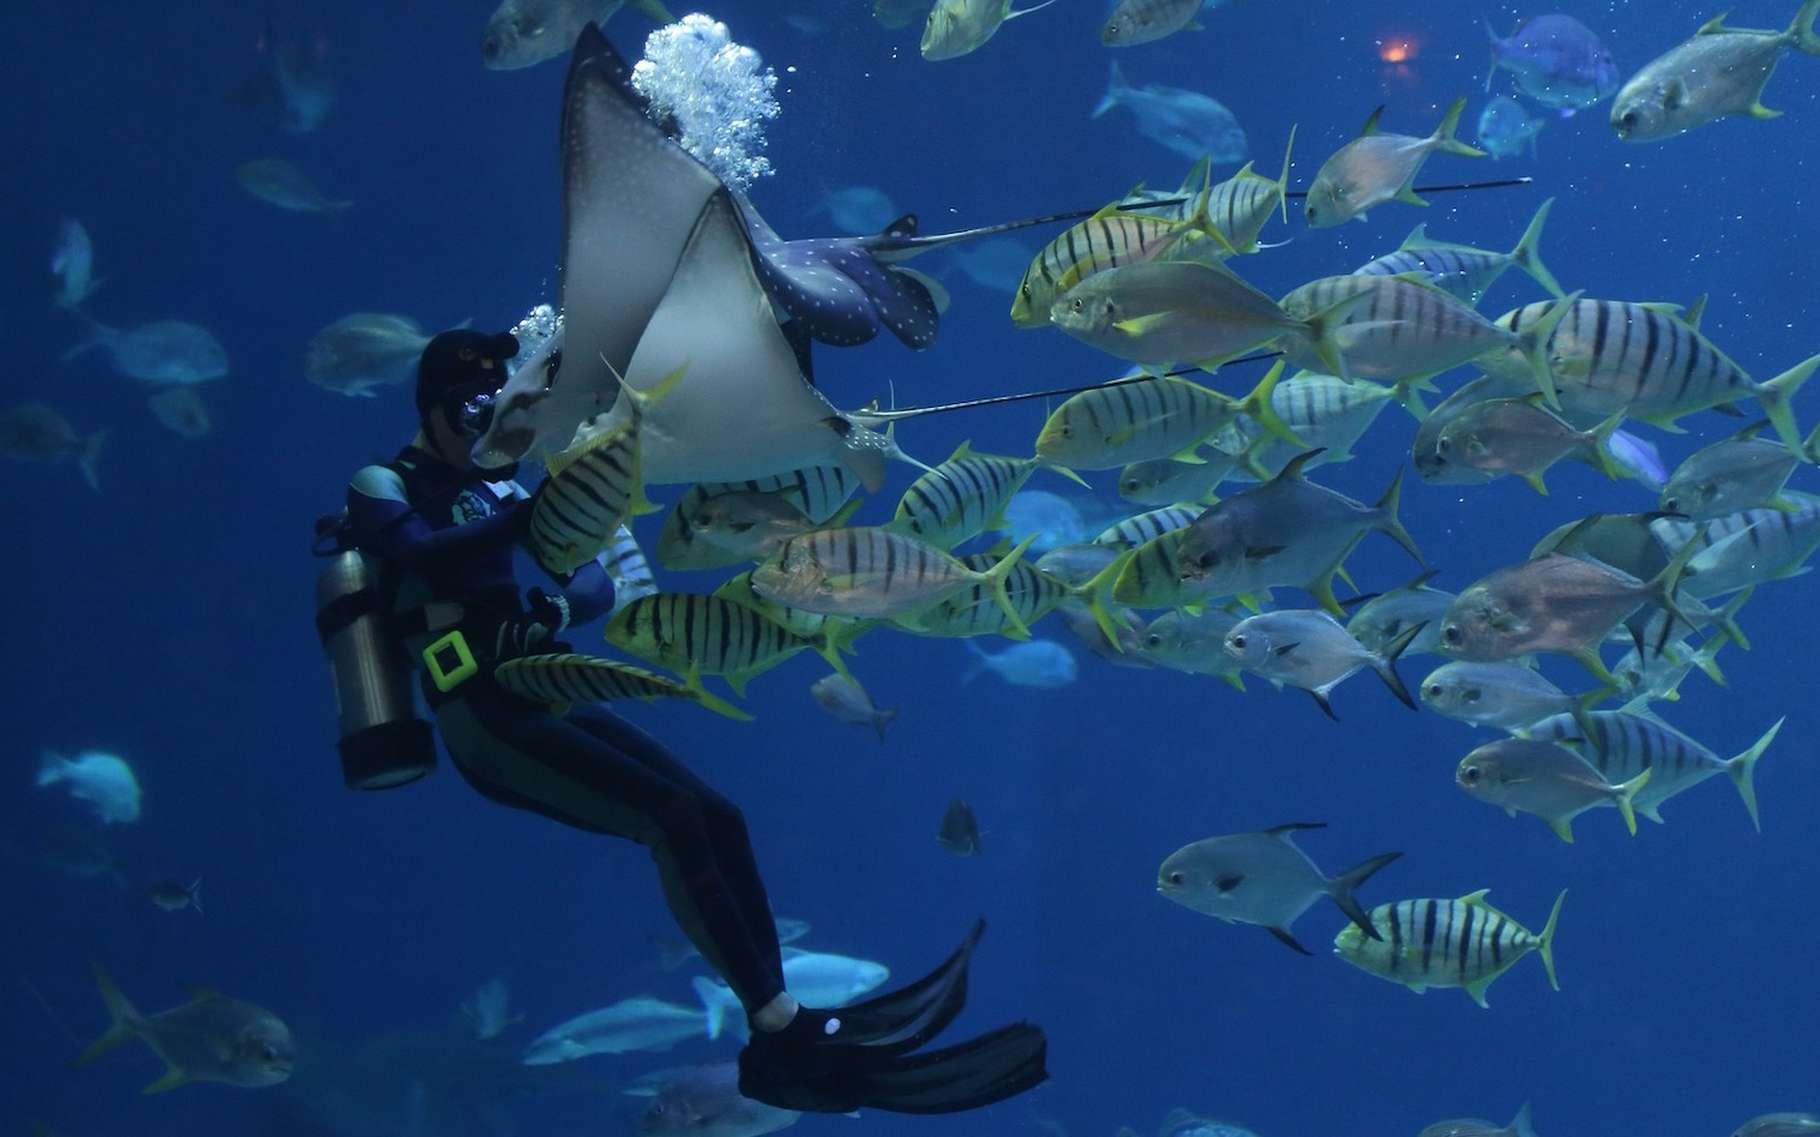 Pour les espèces, perdre en diversité génétique signifie perdre en capacité d'adaptation à un environnement changeant. Et en la matière, insectes et poissons seraient les plus impactés par les activités humaines. © pieonane, Pixabay License